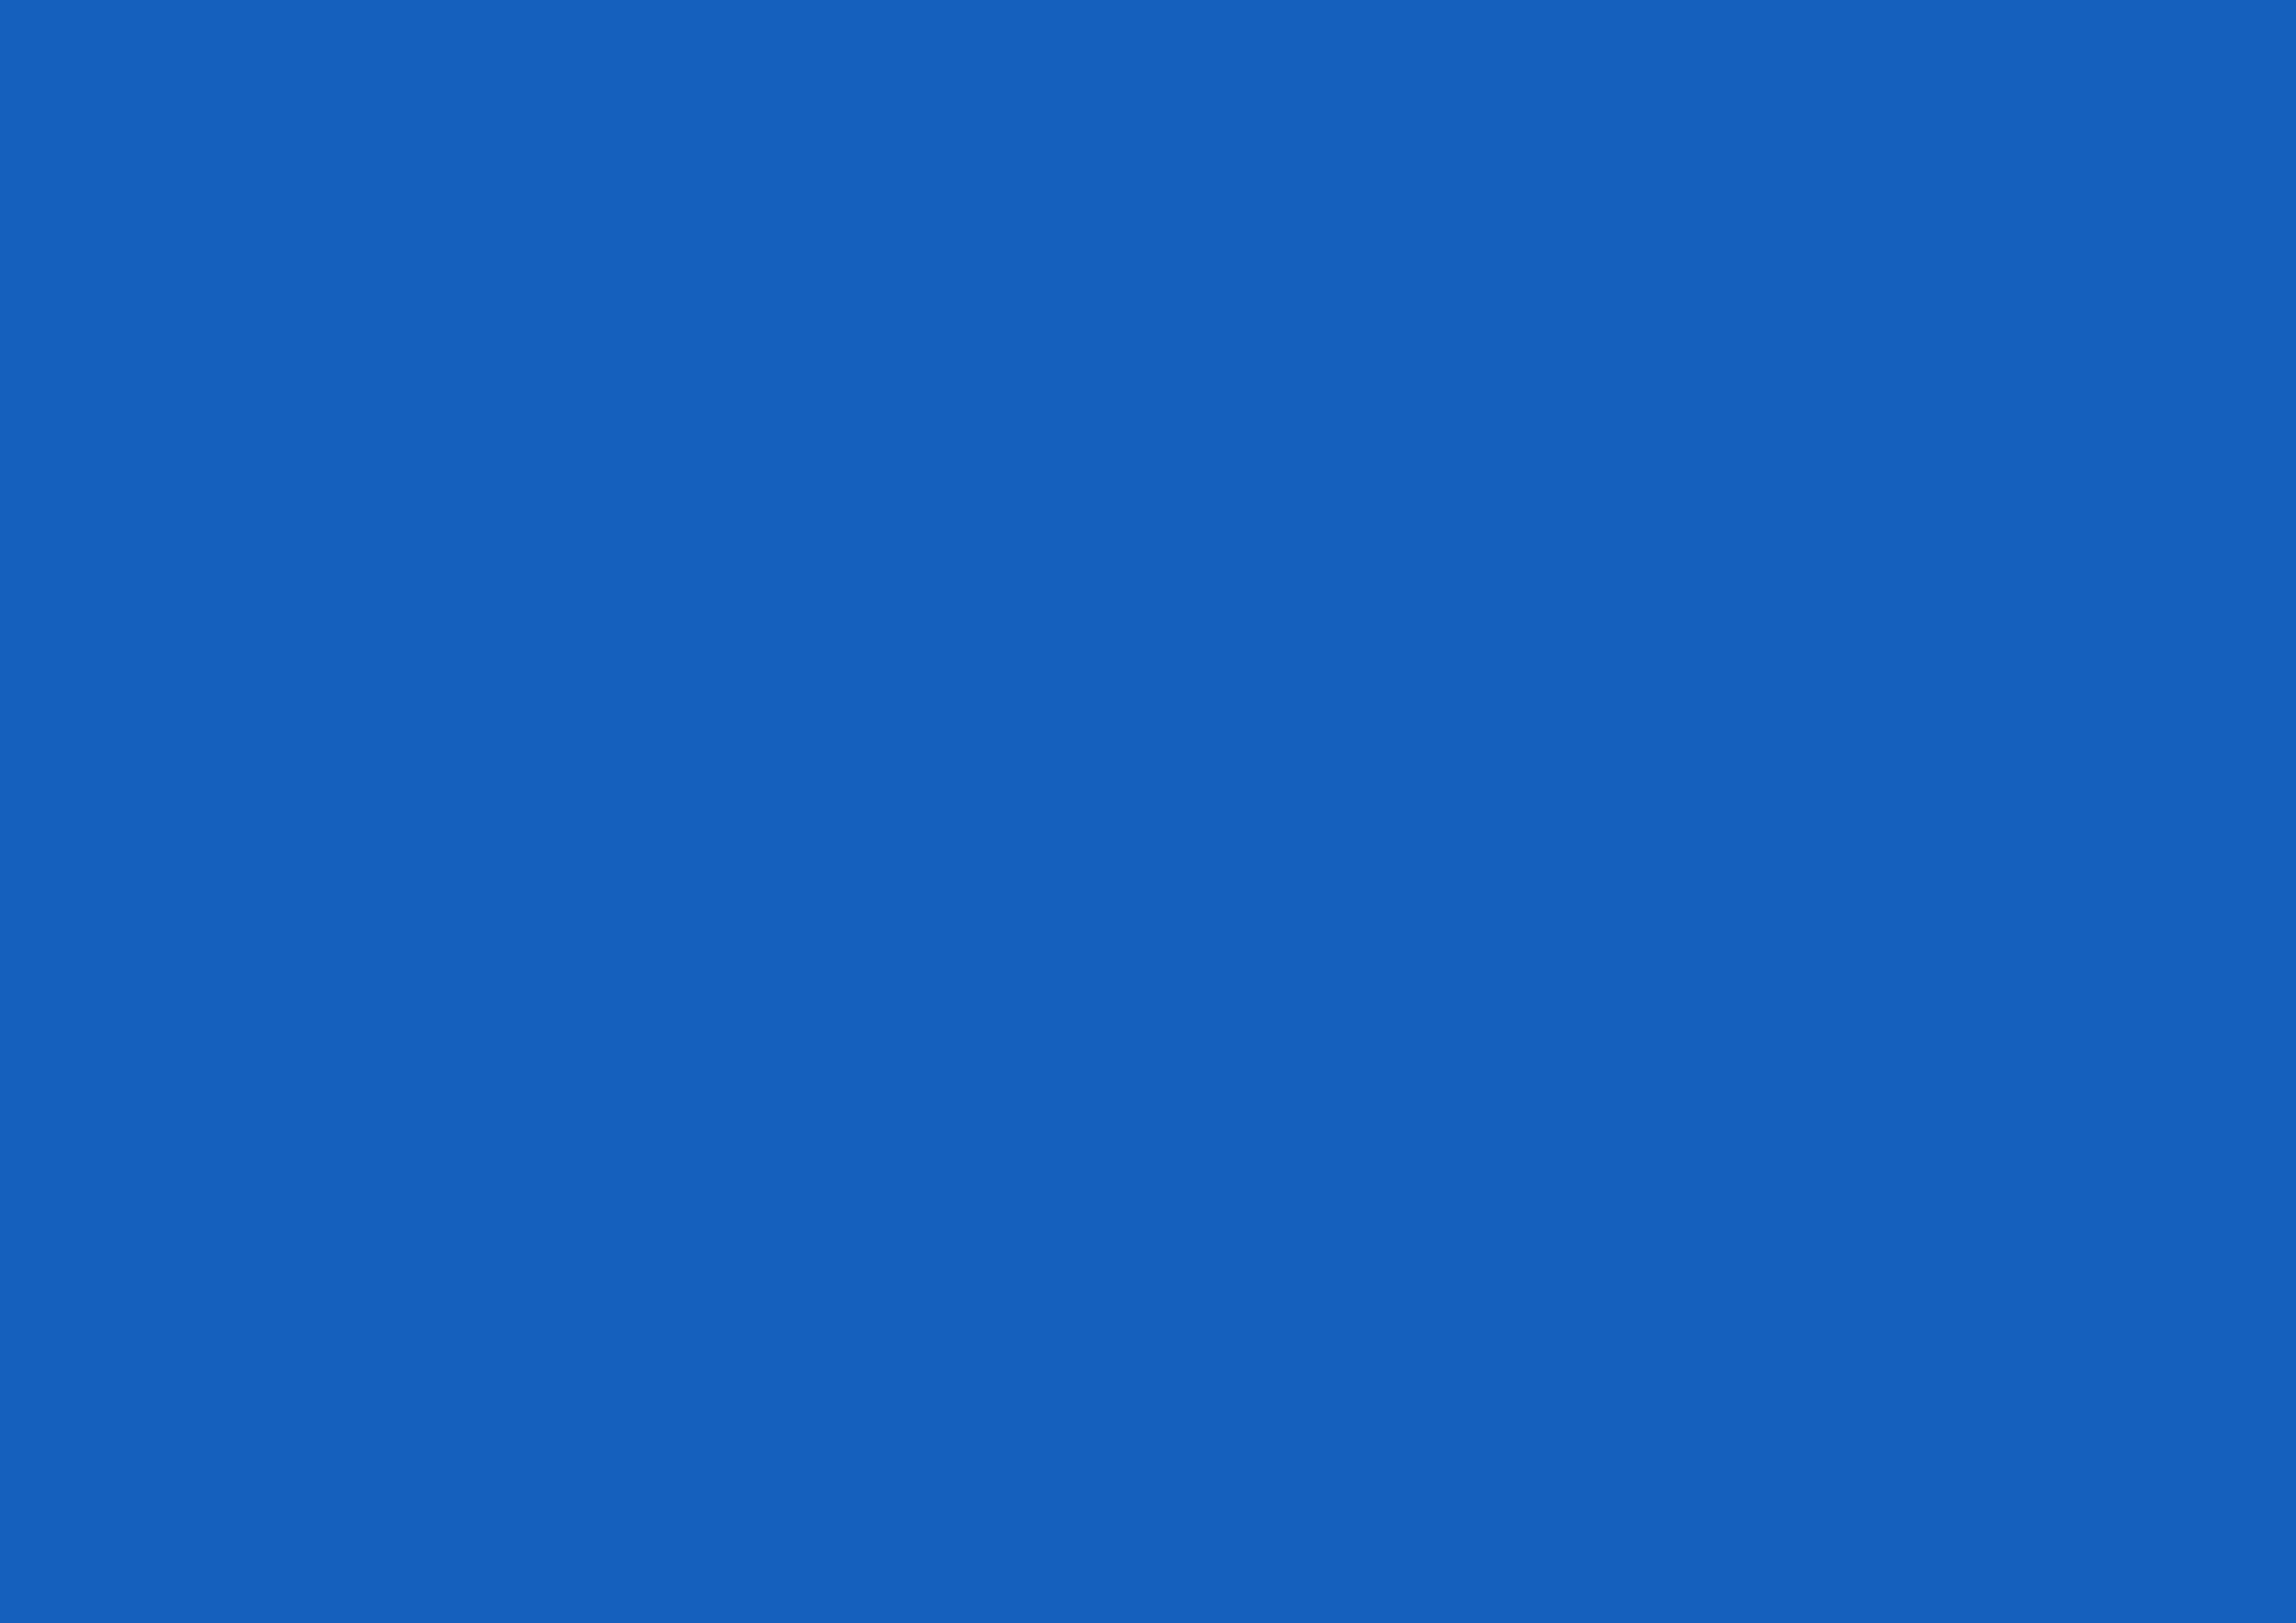 3508x2480 Denim Solid Color Background